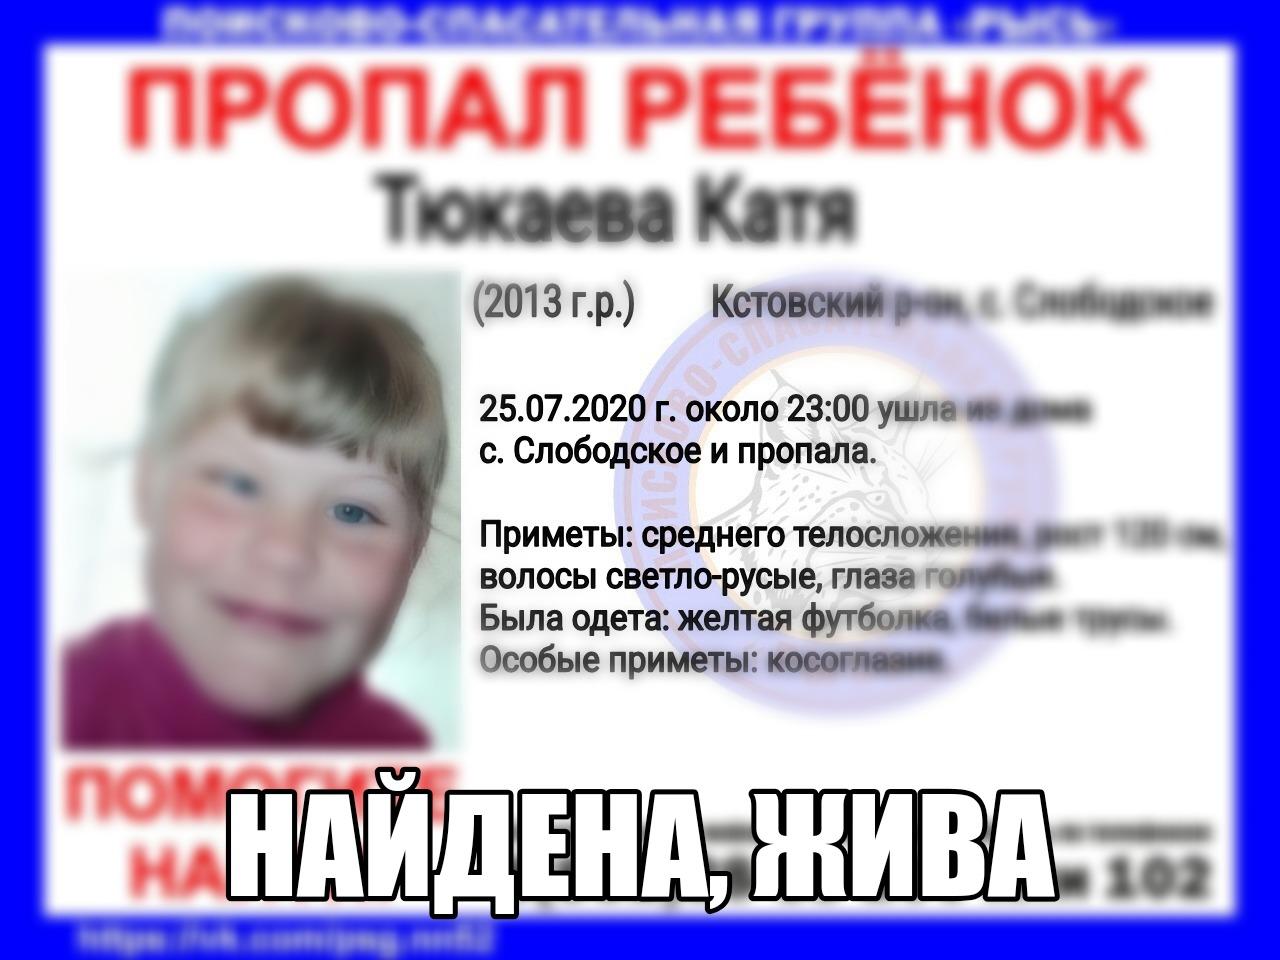 Тюкаева Катя, 2013 г. р., Кстовский р-он, с. Слободское